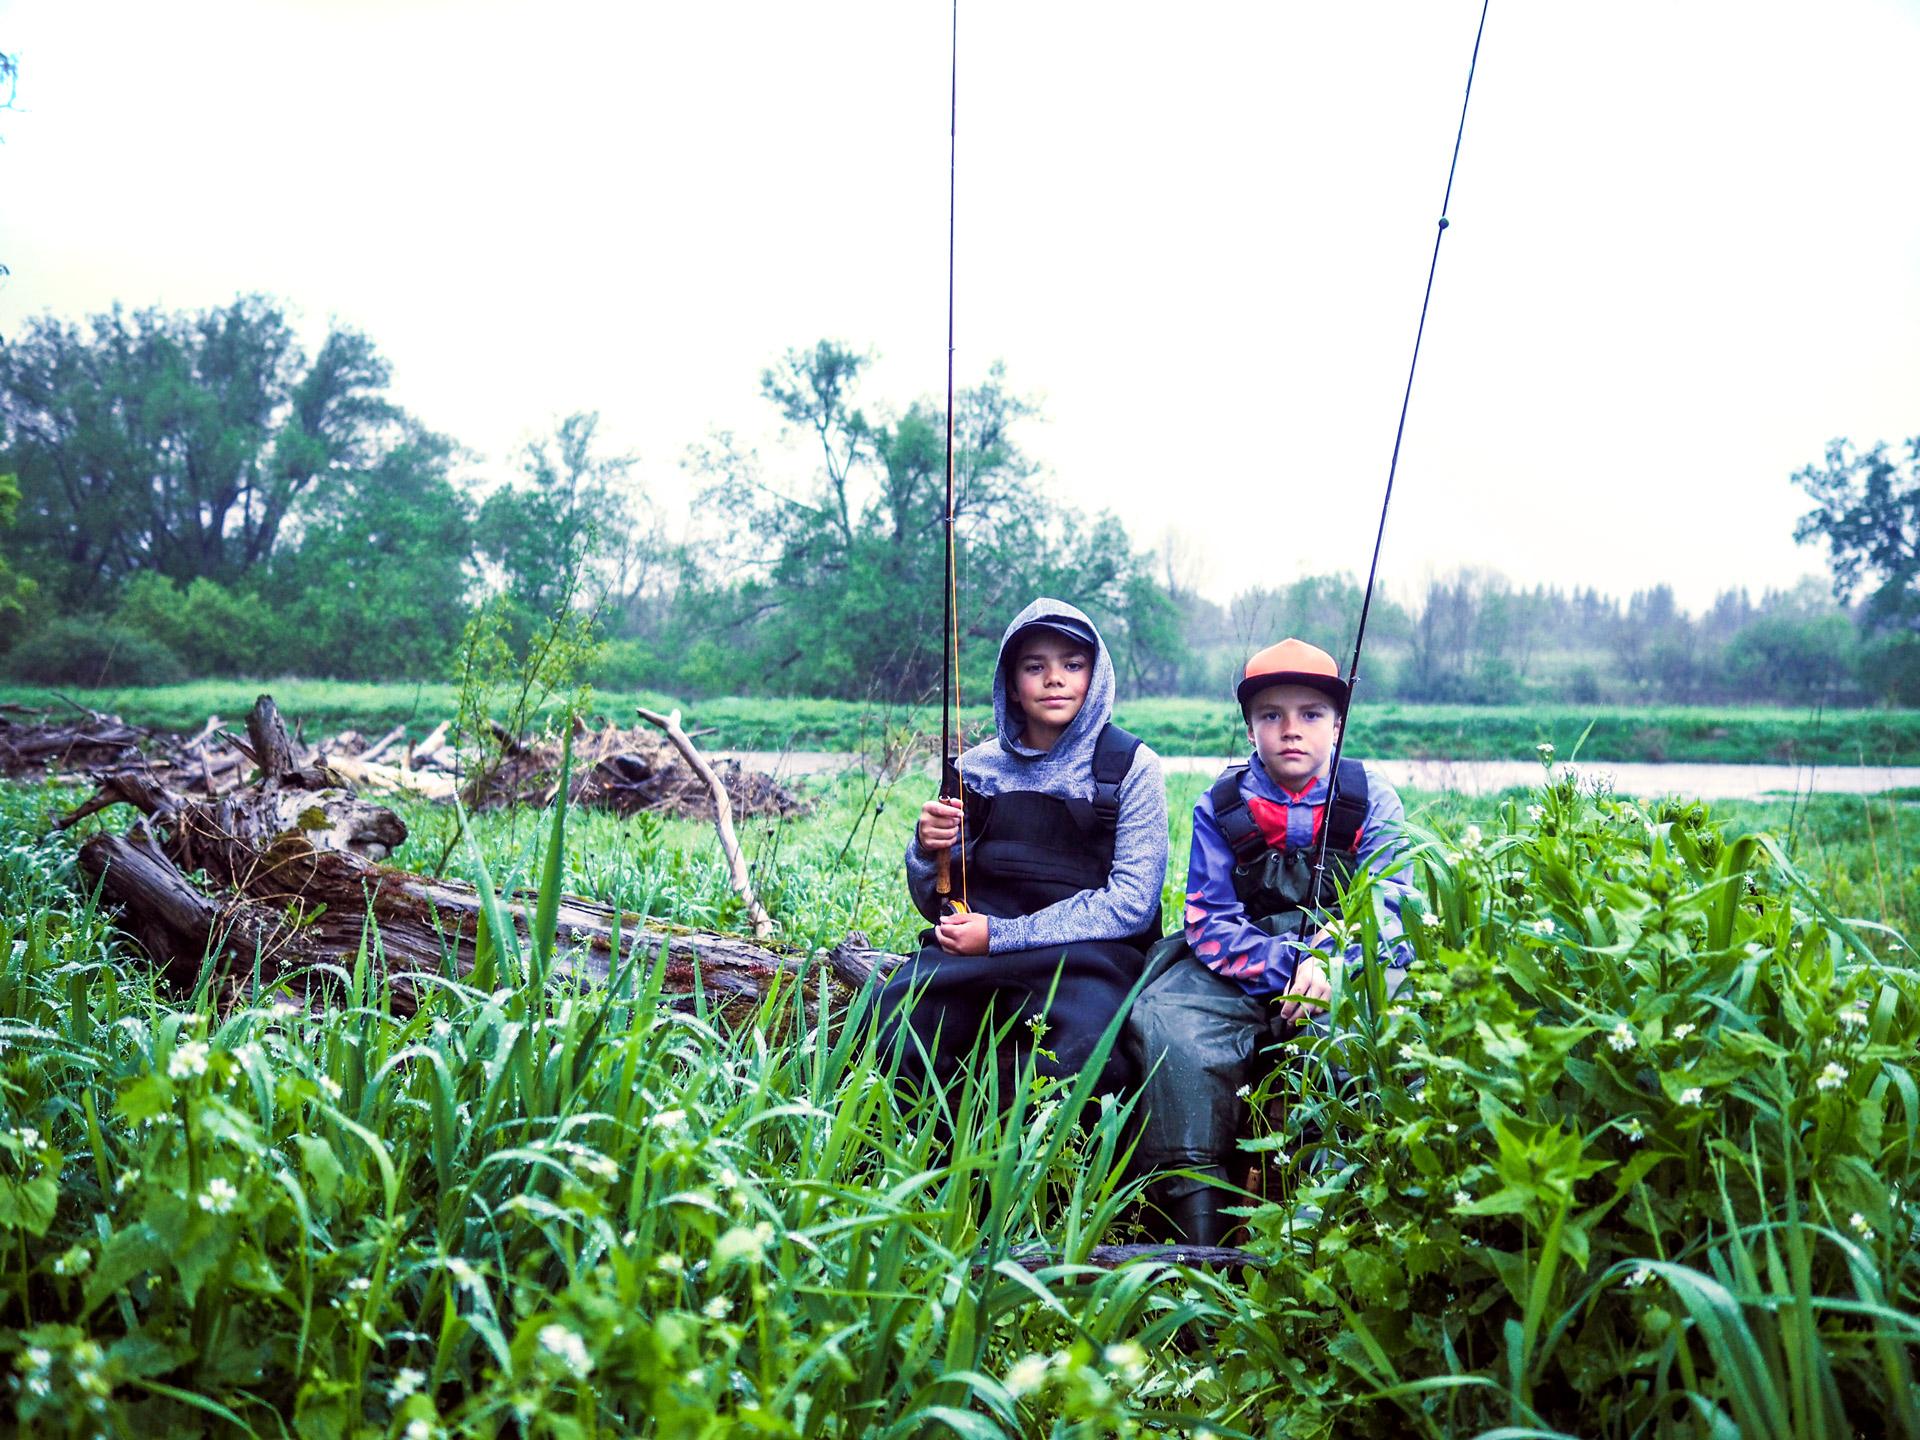 Soziales Netzwerk für Angler